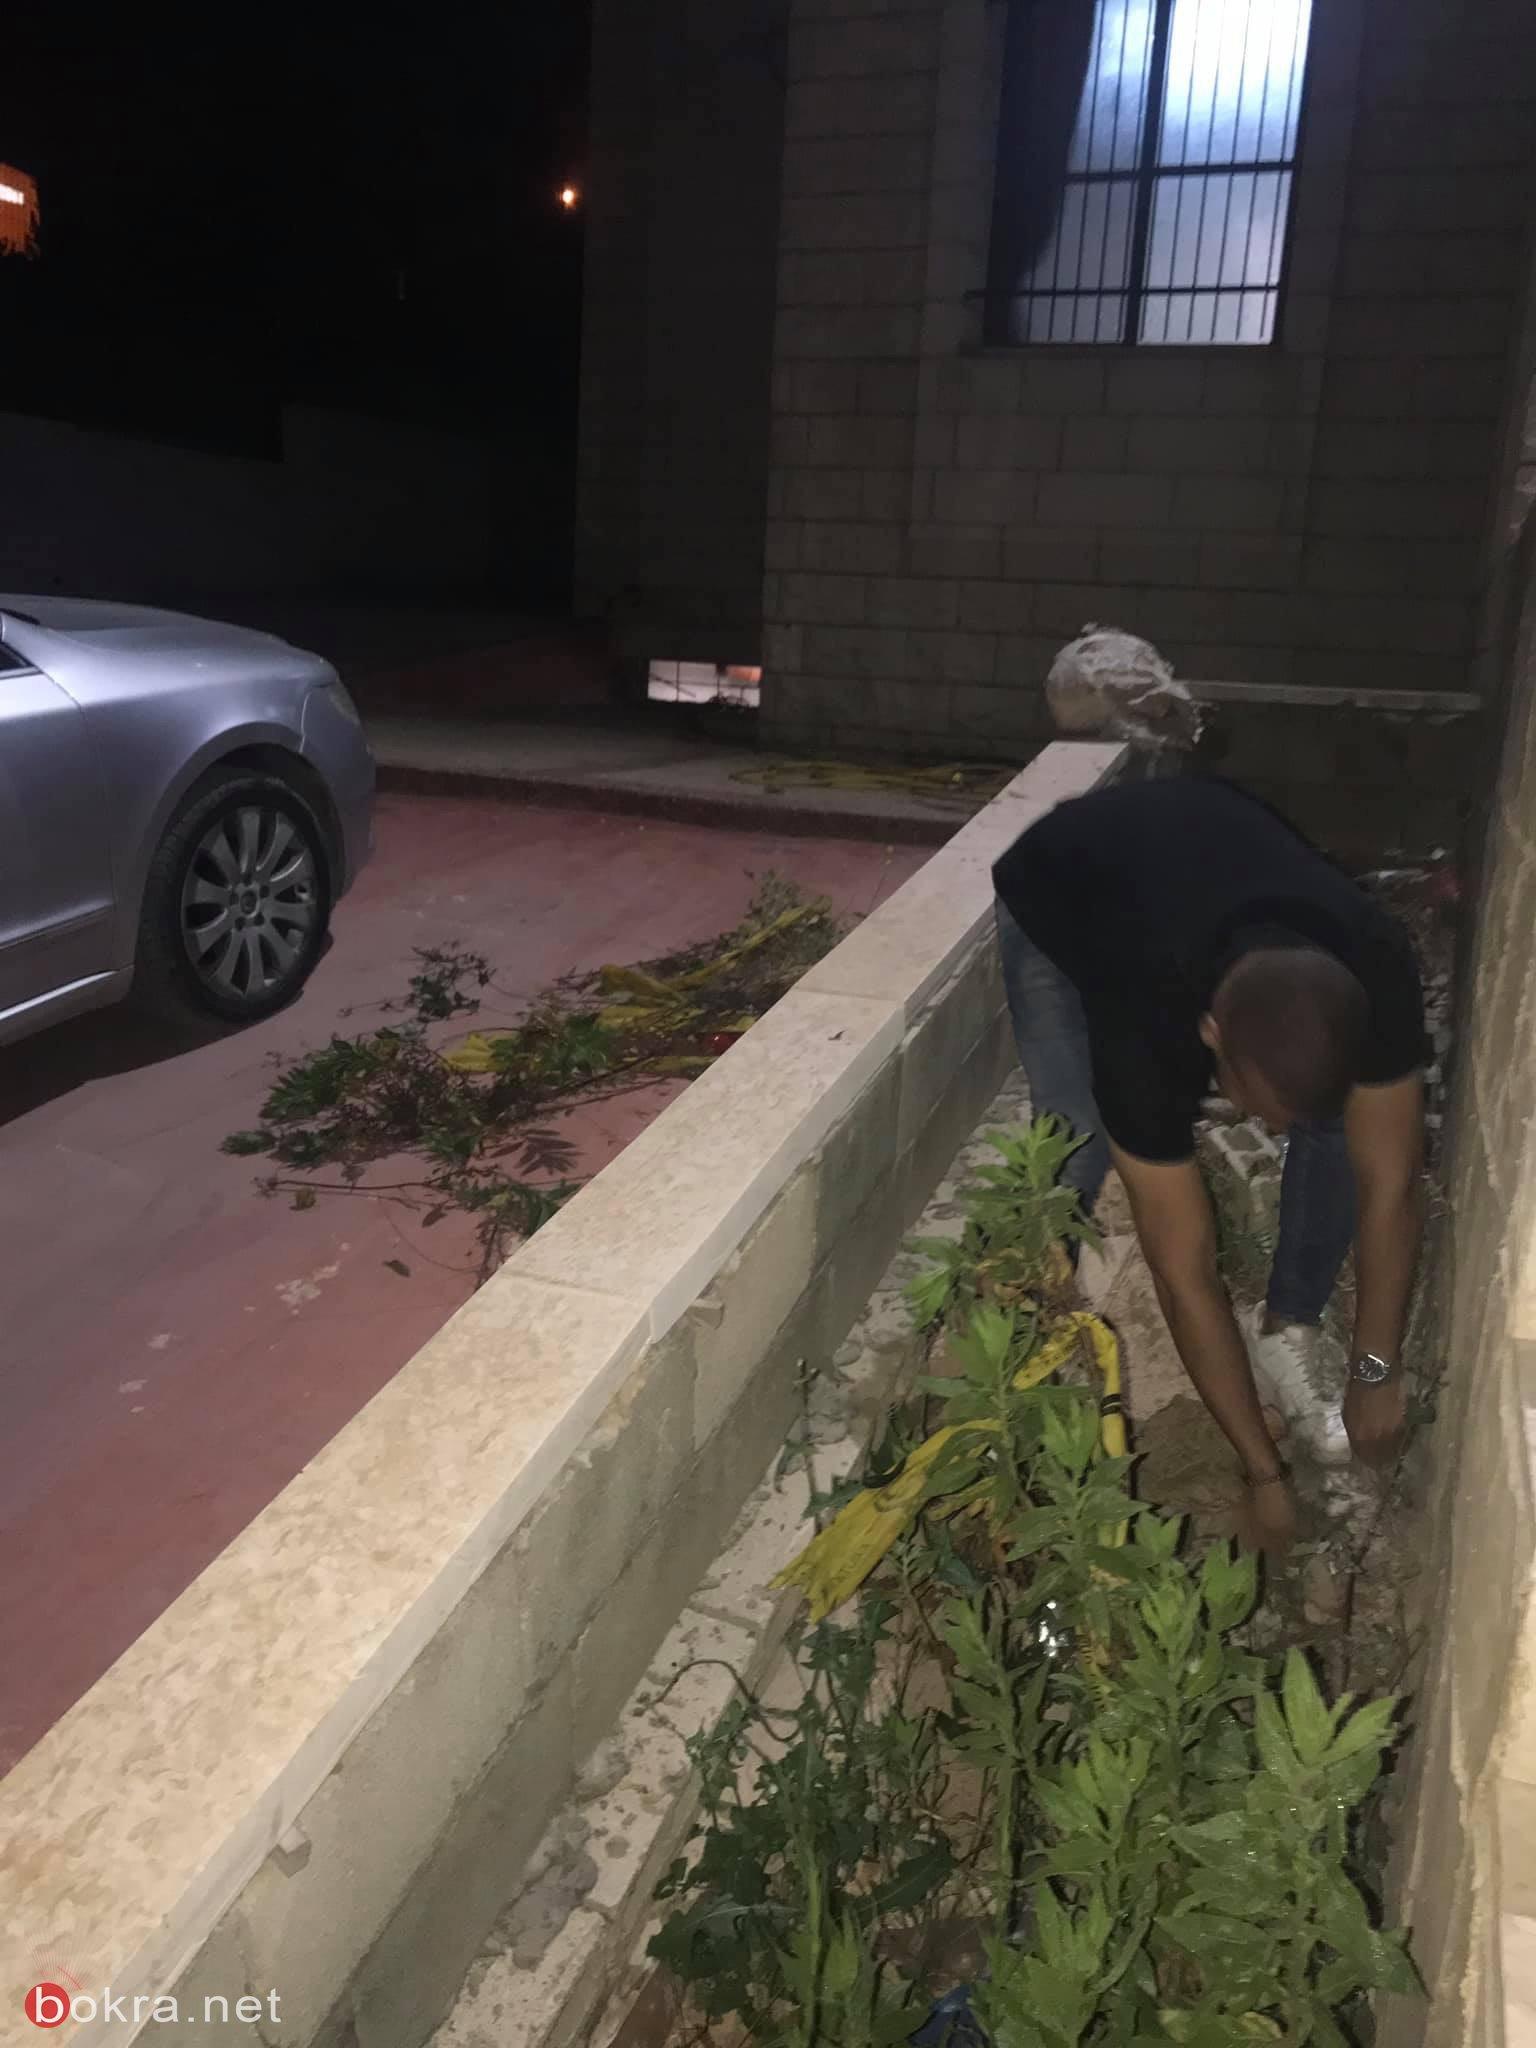 الجامعة الامريكيّة في جنين: تزيين مسجد السكنات بمبادرة من طلّاب ام الفحم